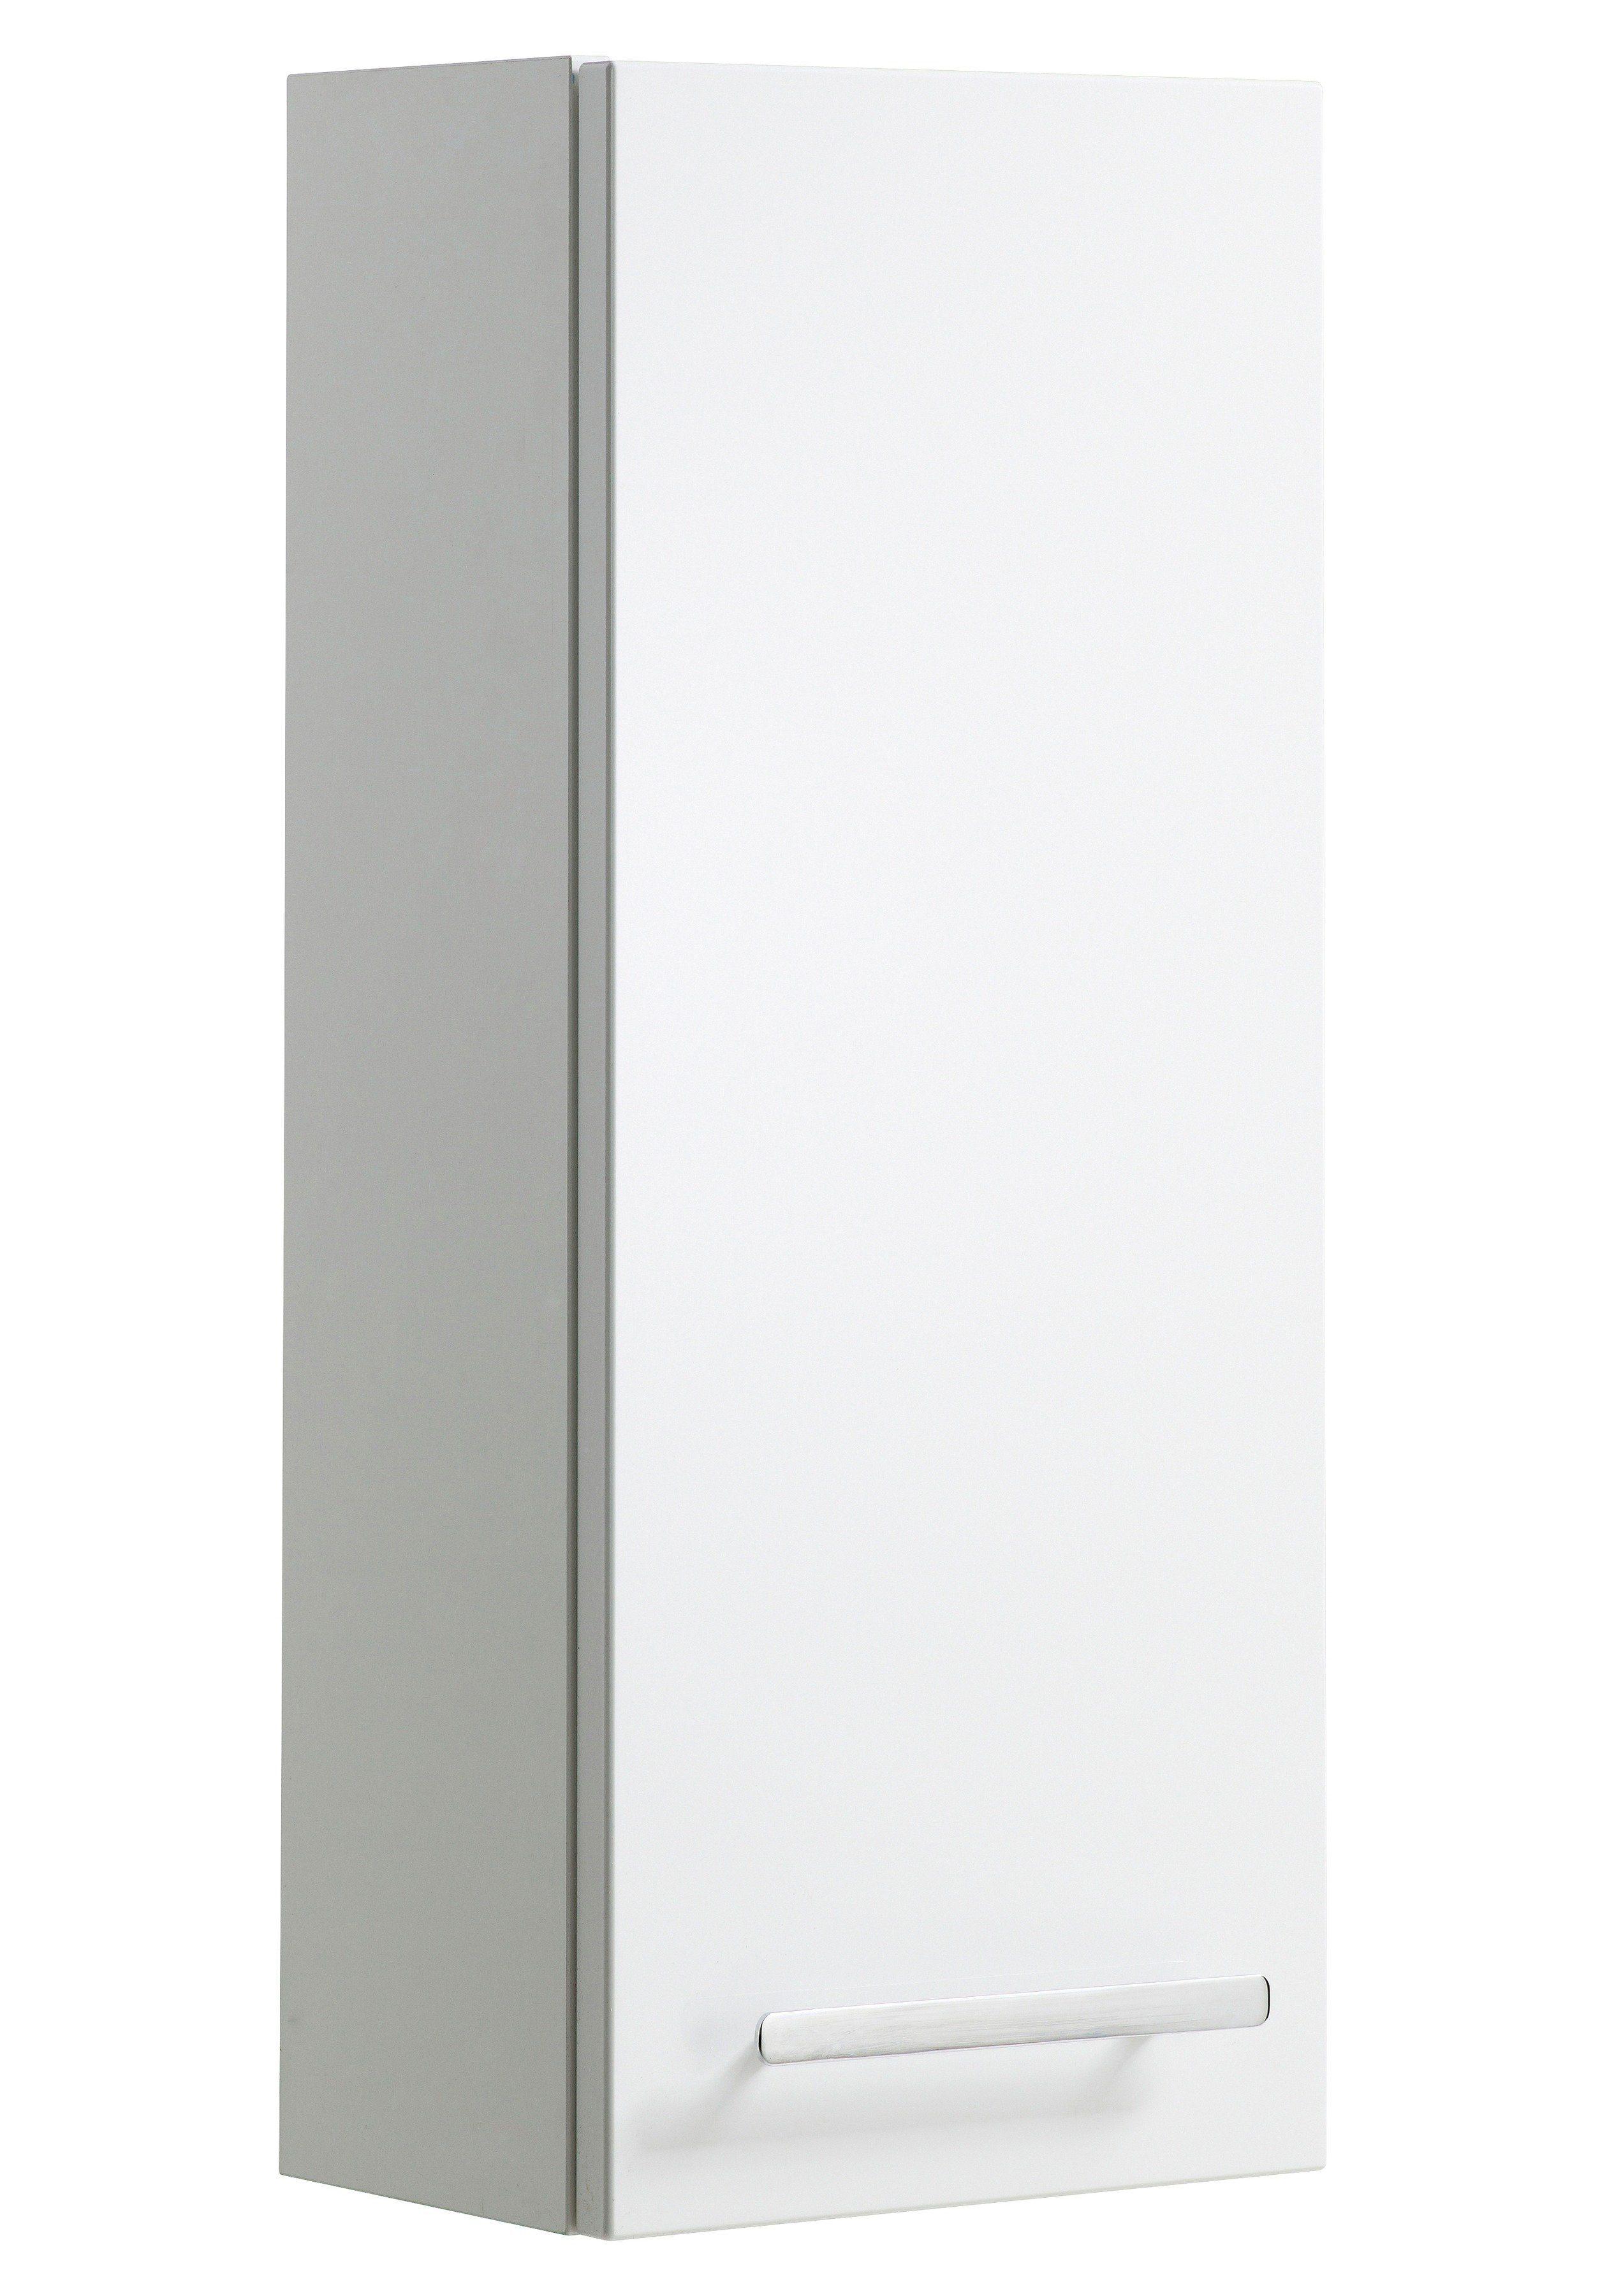 Hängeschrank »Contea«, Breite 30 cm